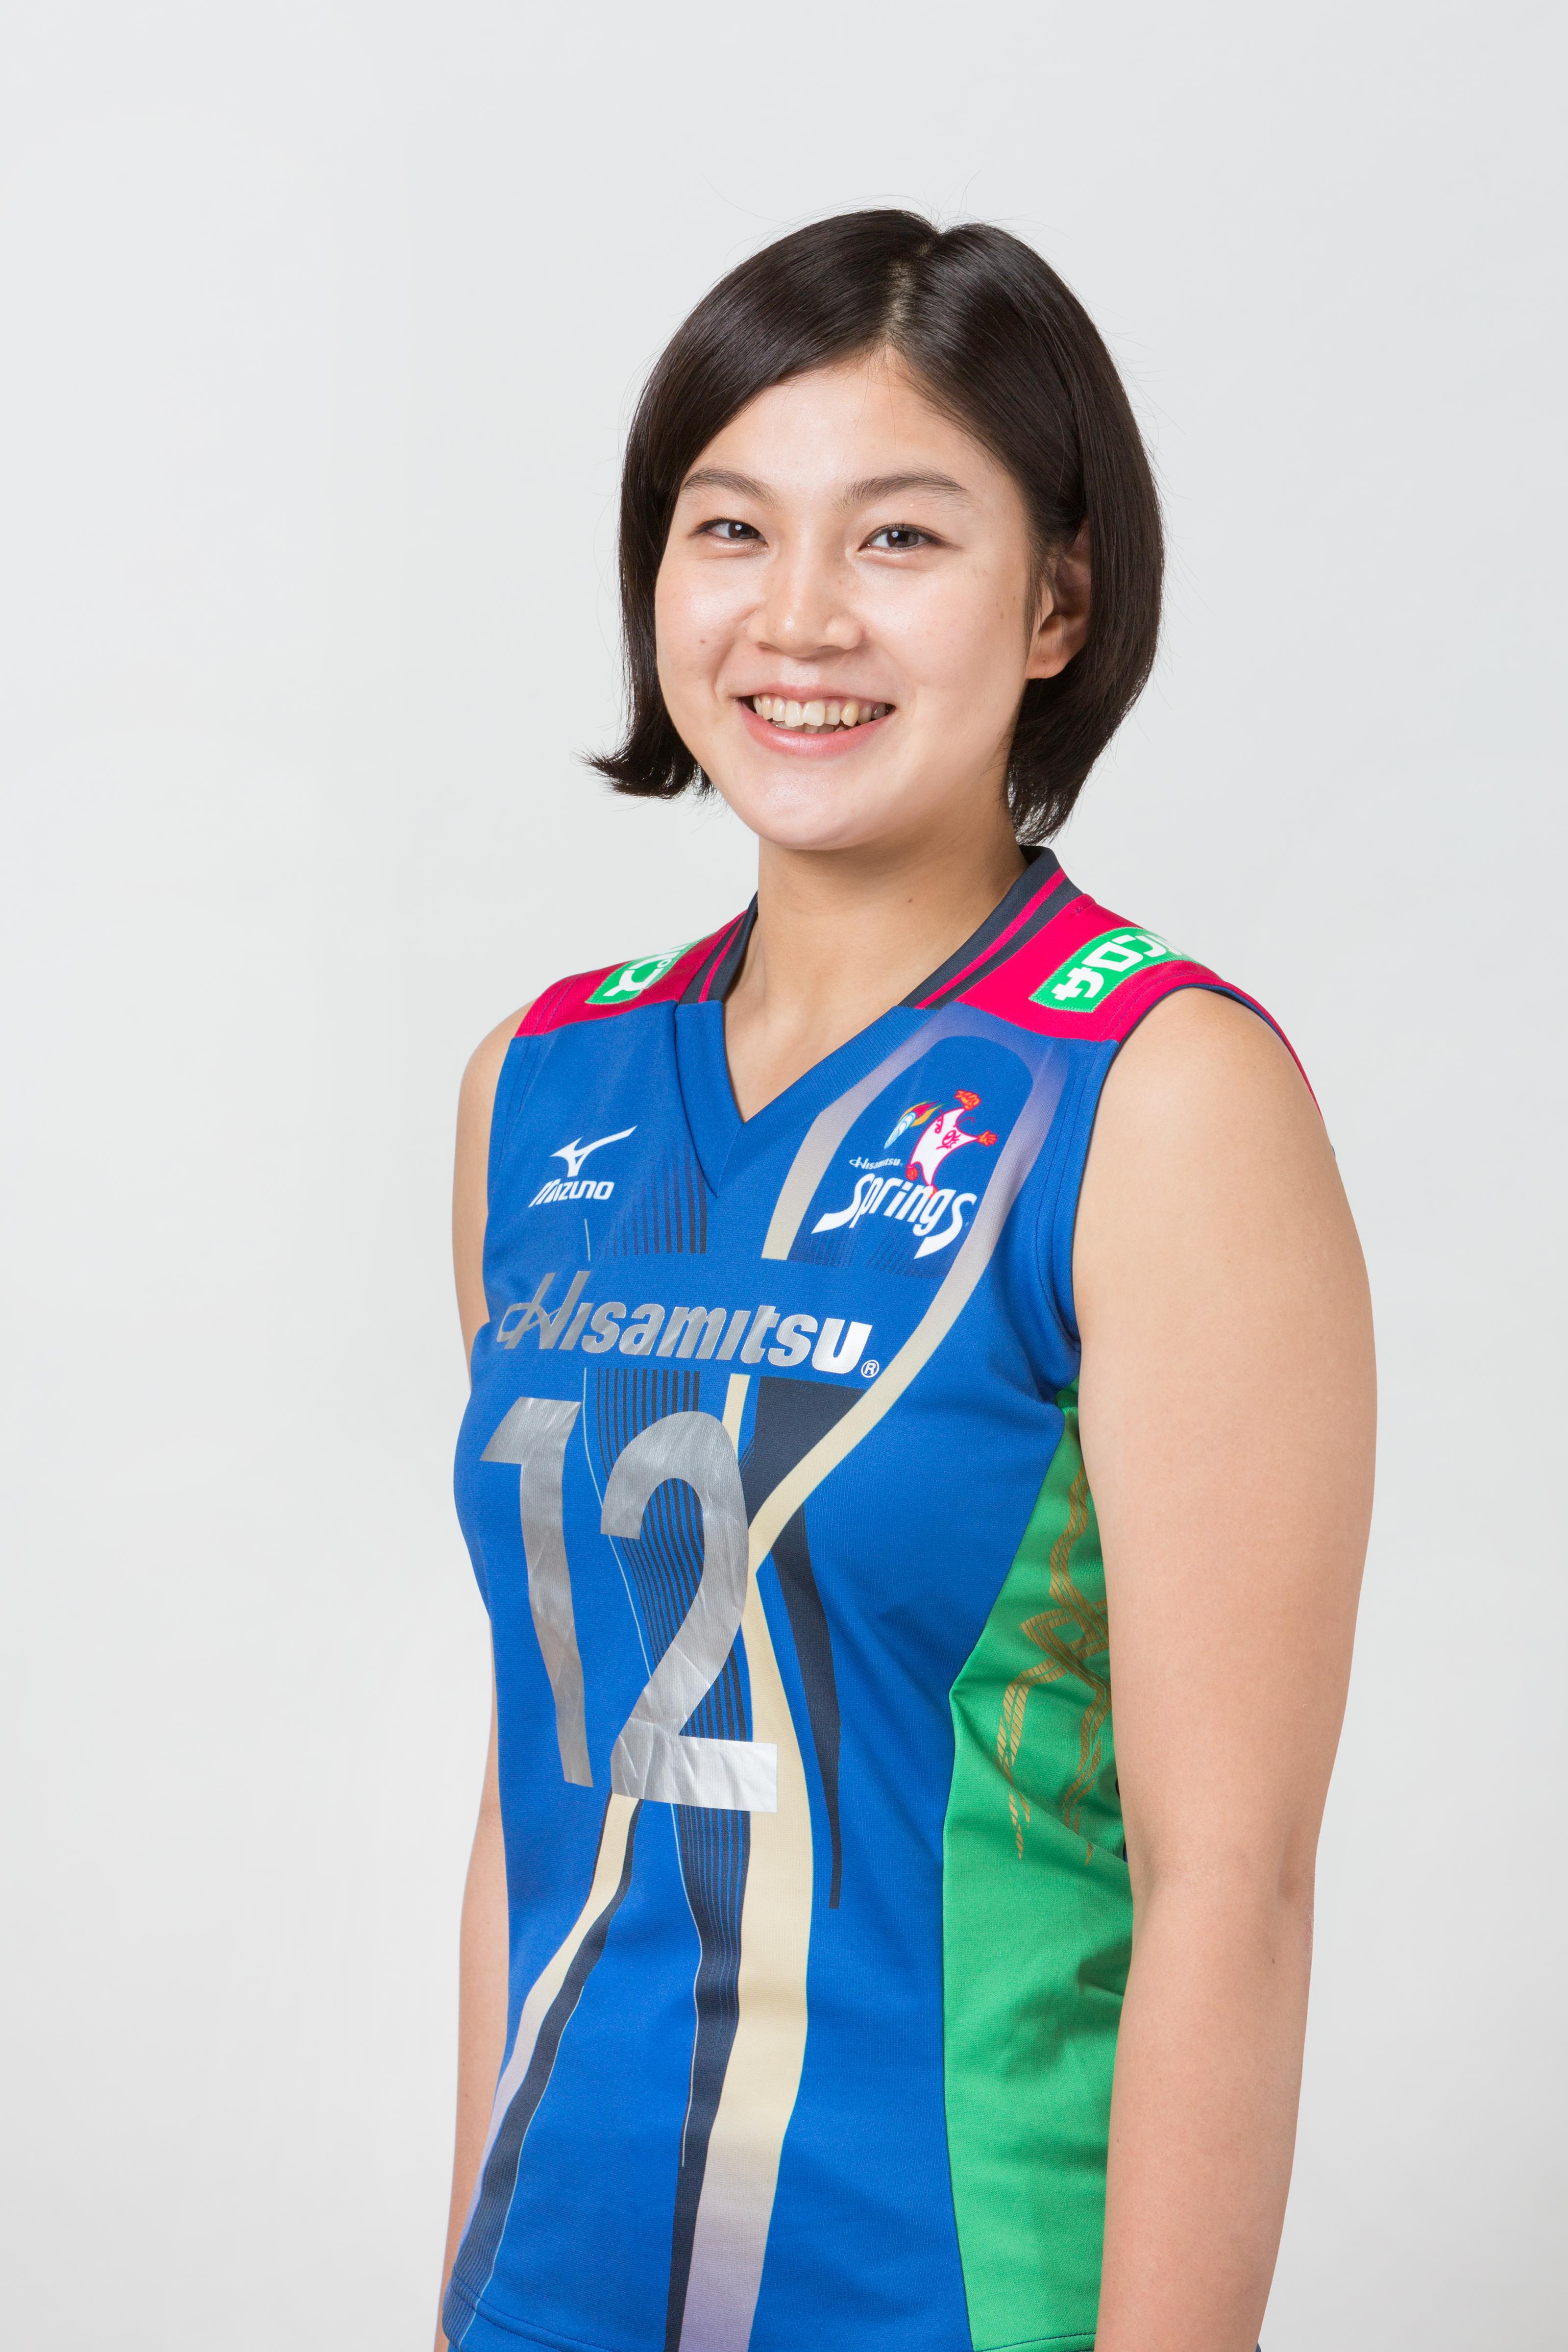 Yuka Imamura